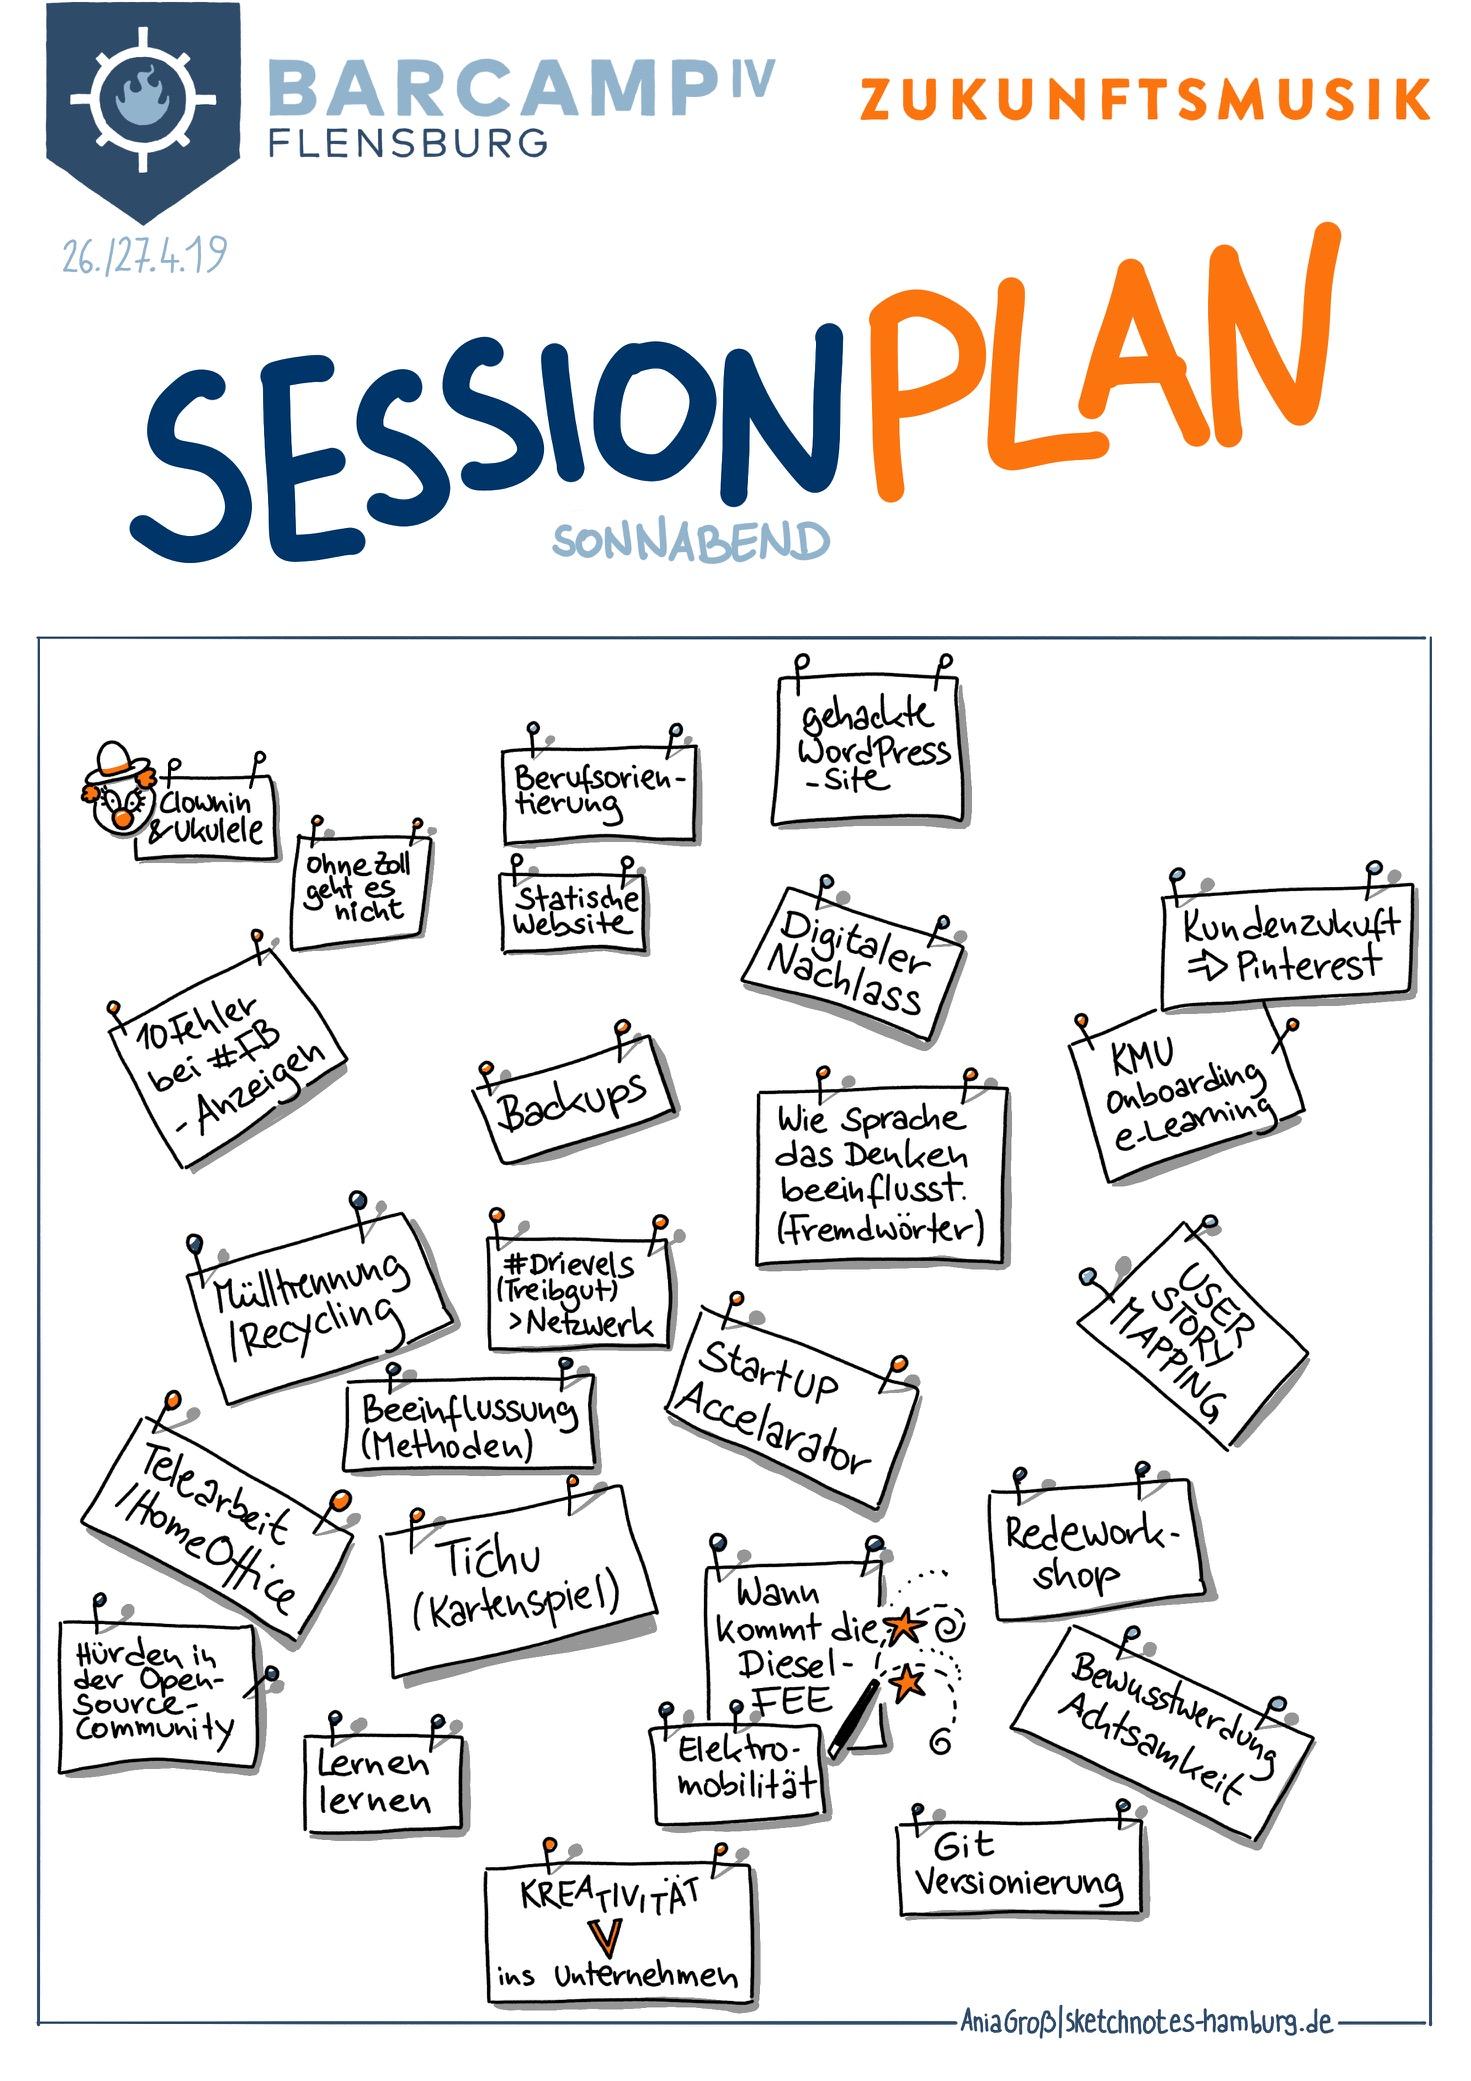 Sessionplan Sonnabend. U. a. 10 Fehler bei Facebook Ads, Mülltrennung und digitaler Nachlass.Sketchnotes: © Ania Groß